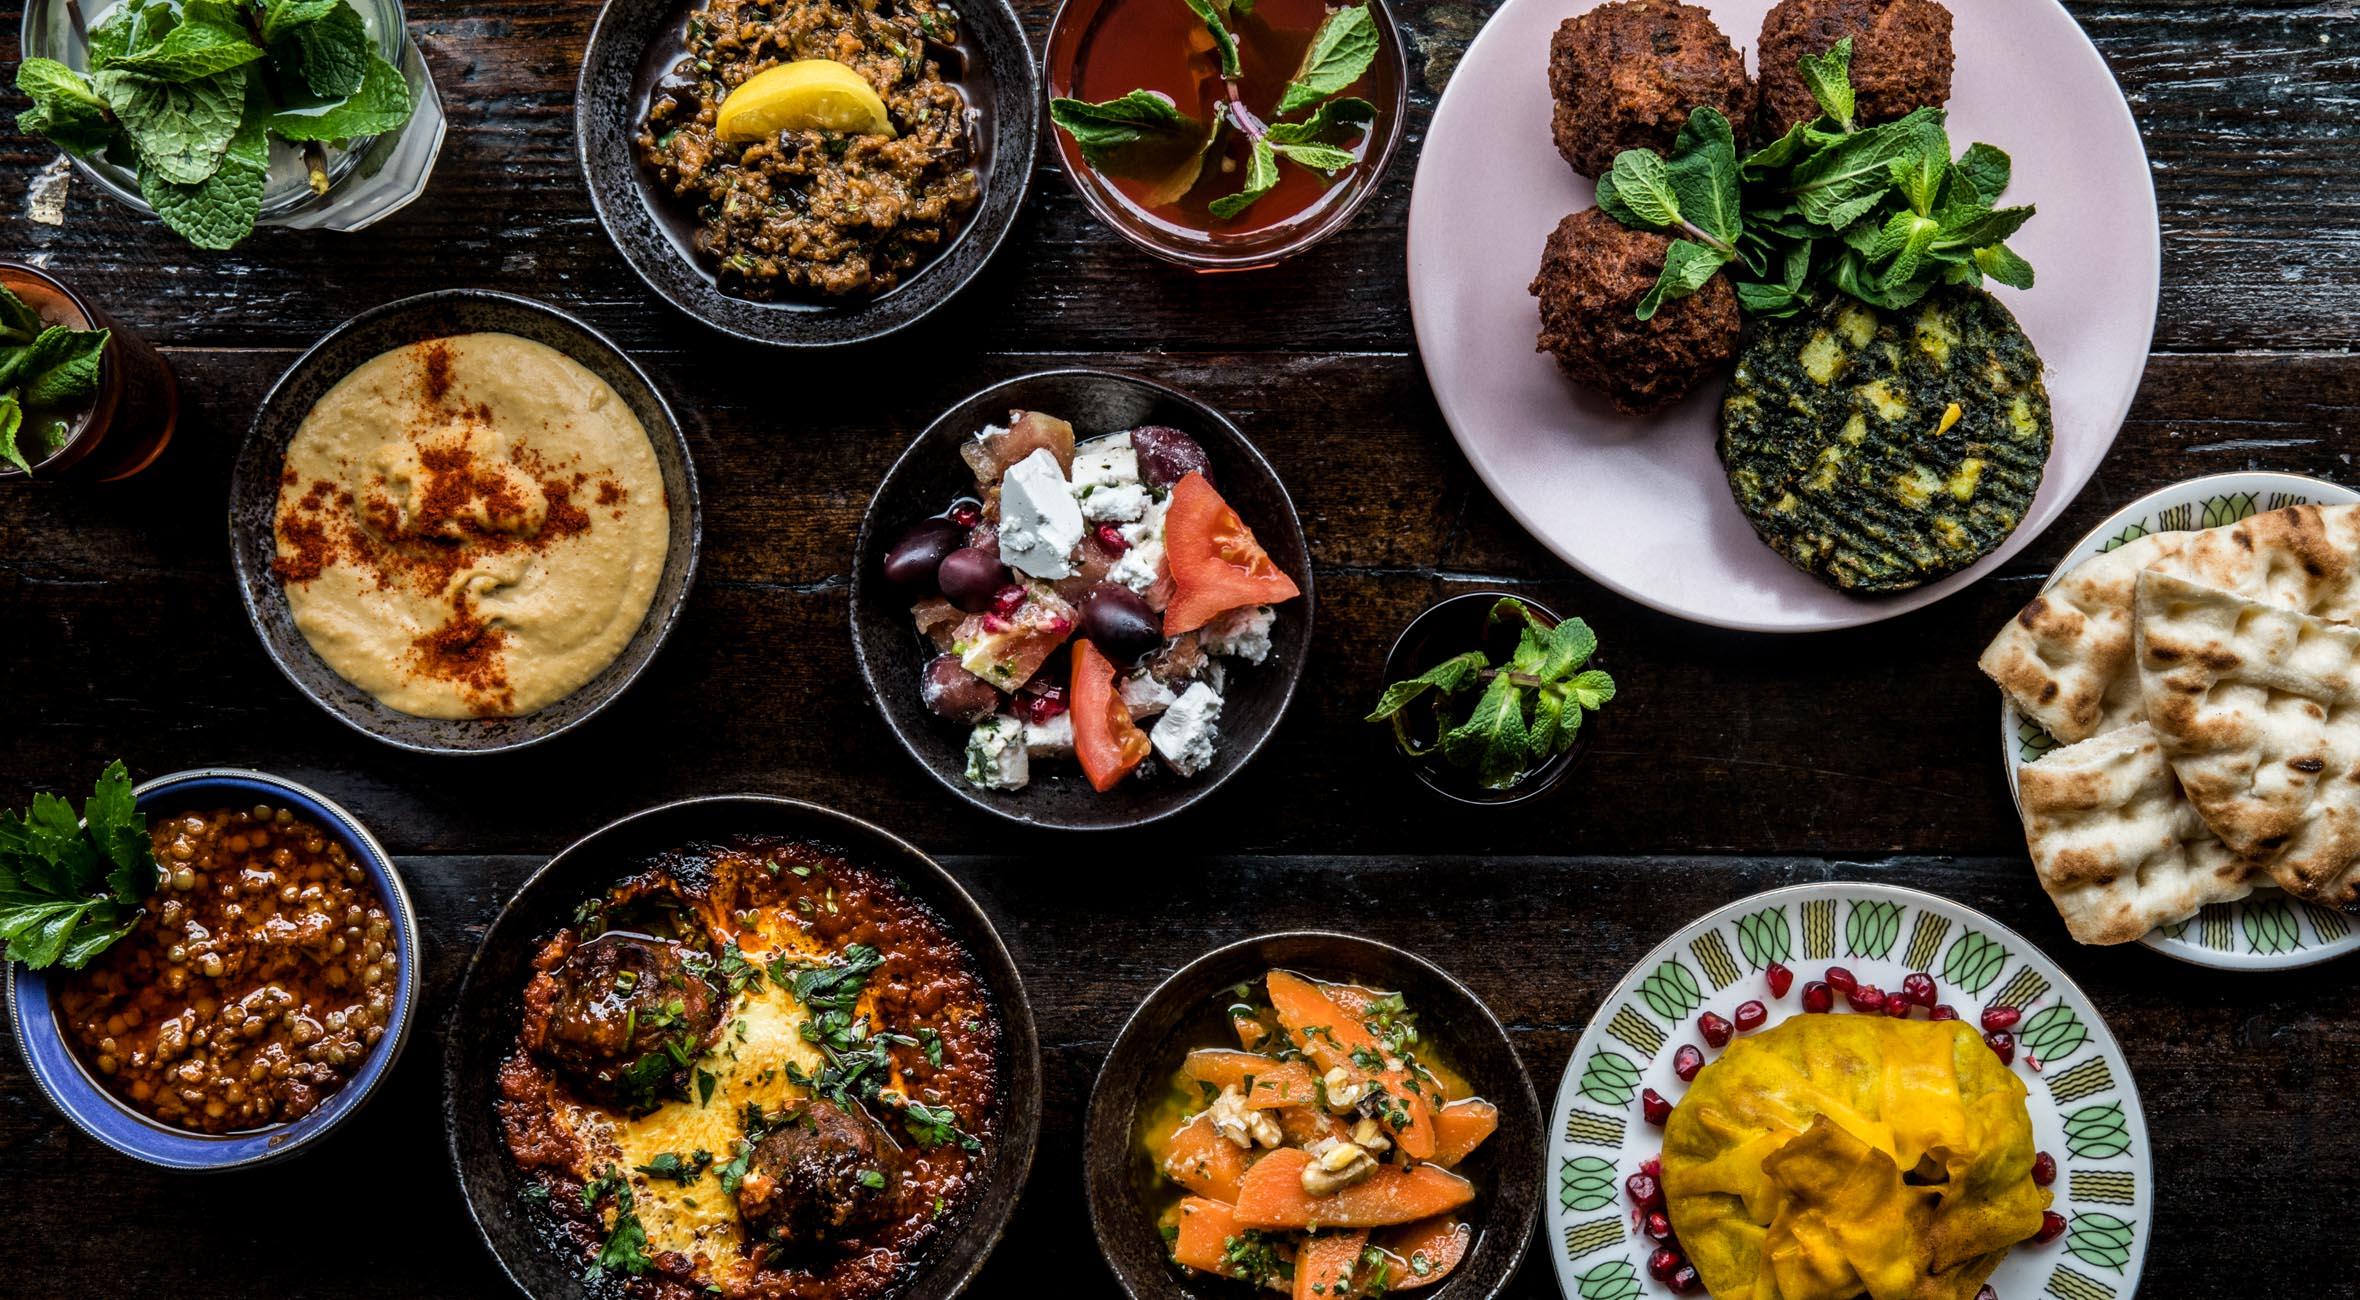 Brunch med lemonade og te for 2 personer hos Café Maroc på Nørrebro – Hip marokkansk café byder på vilde brunch-specialiteter